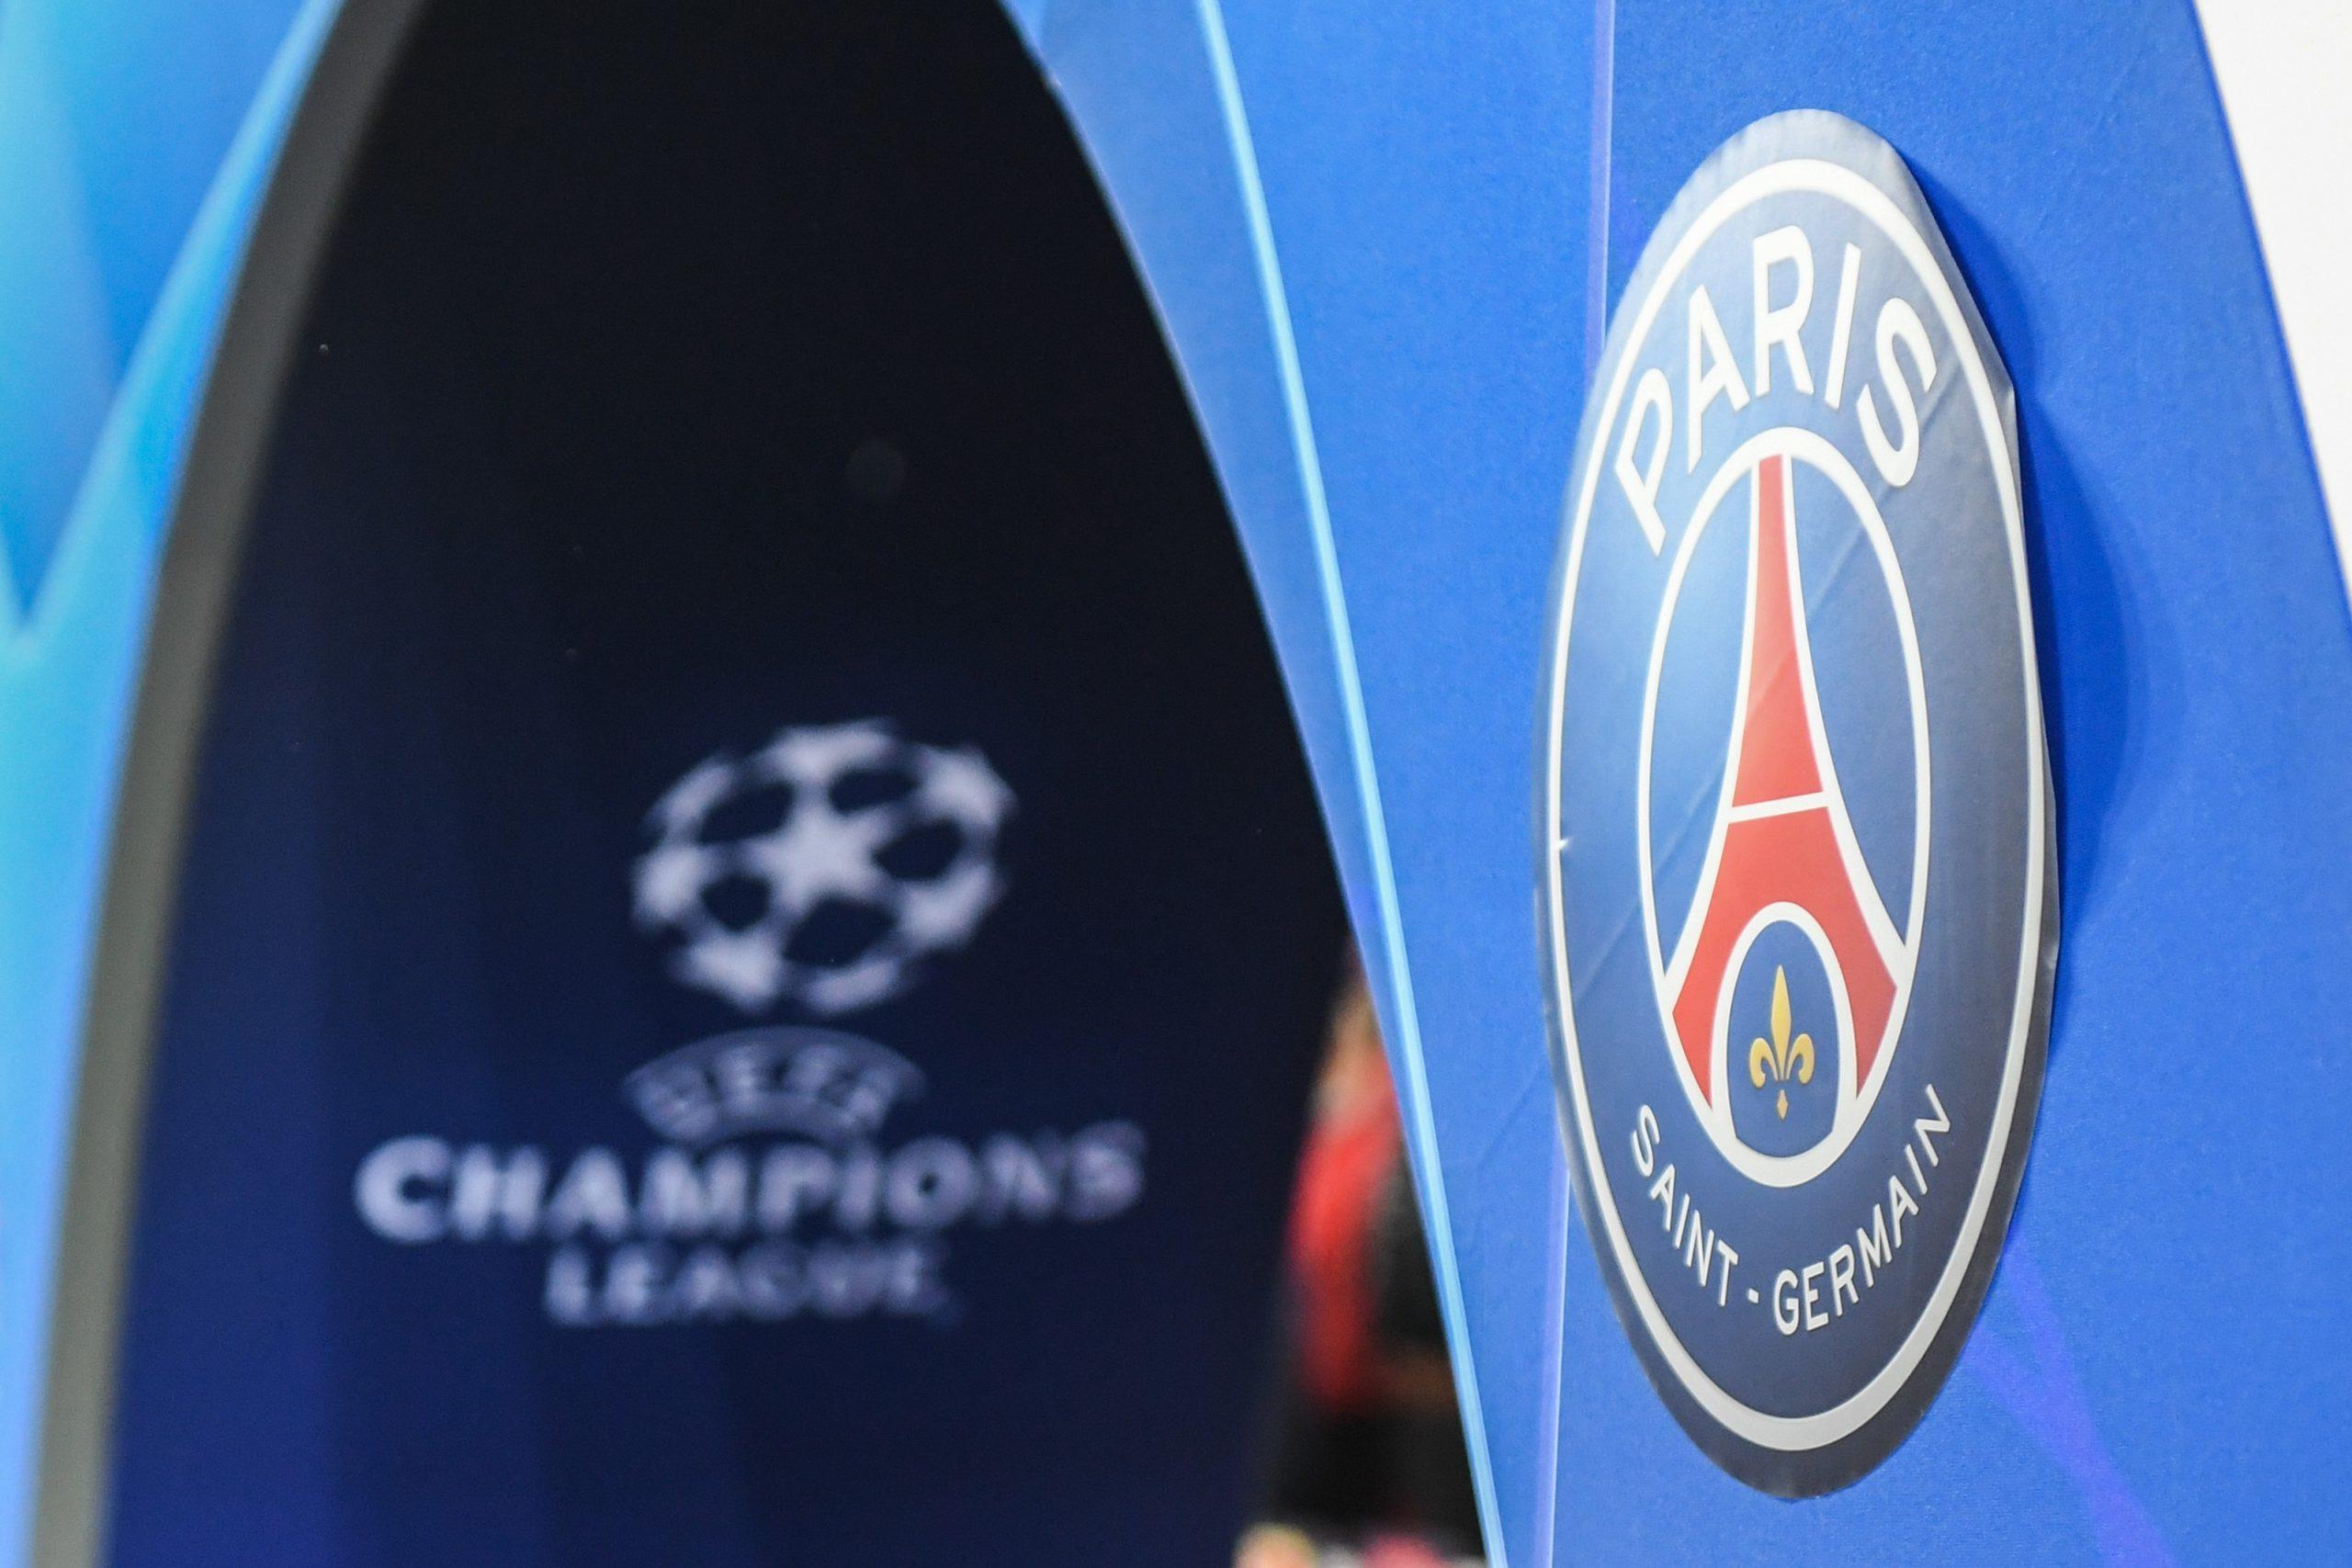 Istanbul BB/PSG - Les Parisiens joueront avec le maillot third pour la première fois cette saison